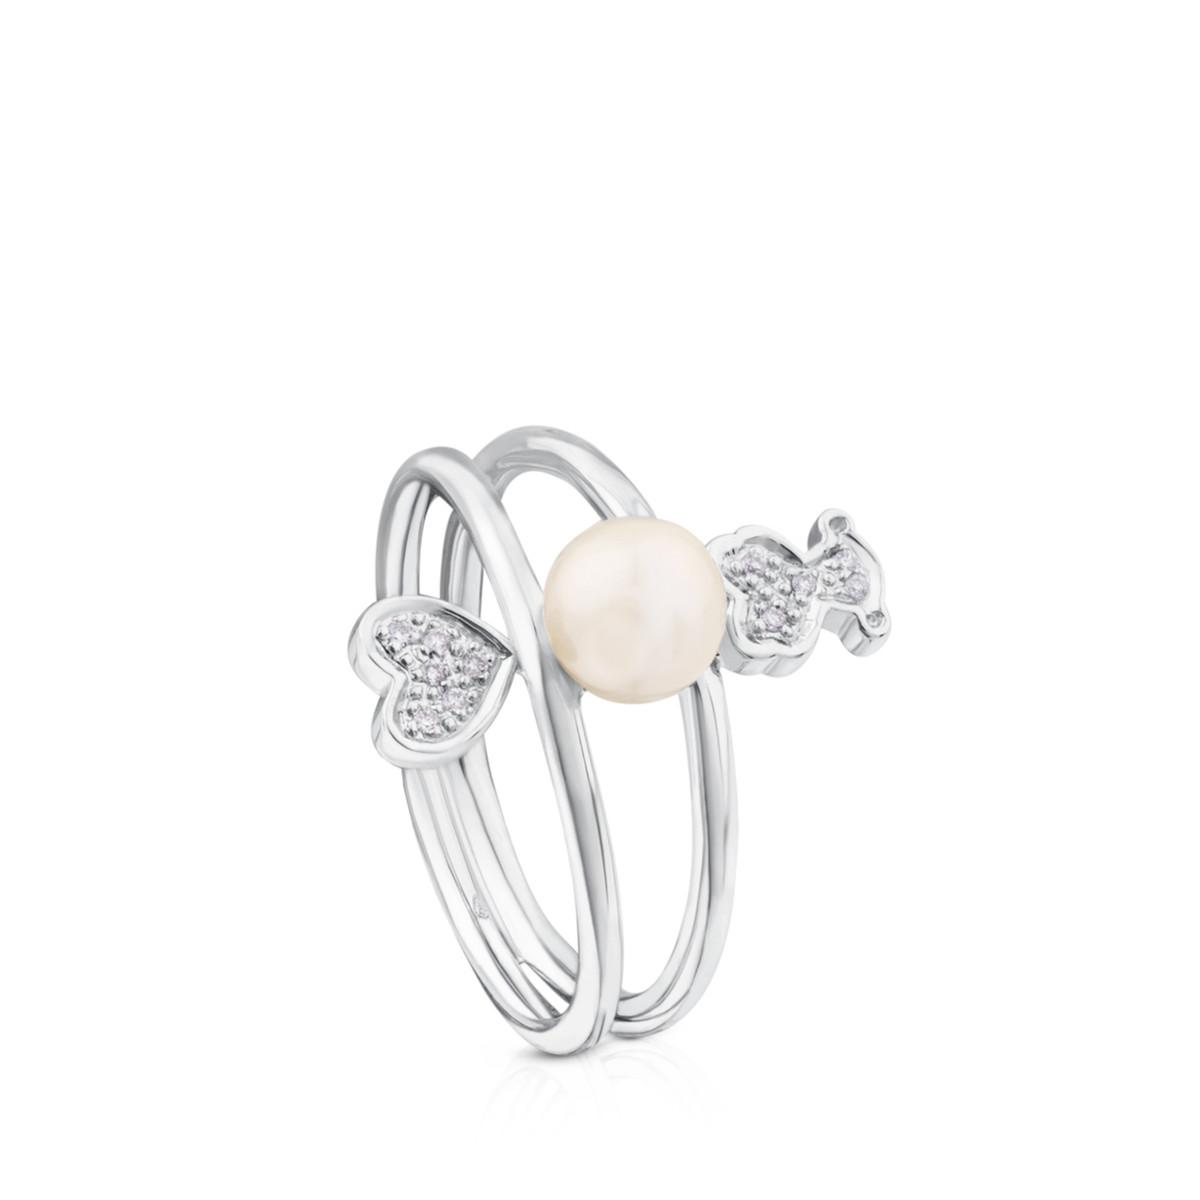 Oferta de Anillo Puppies de Oro blanco con Diamantes y Perla por 150€